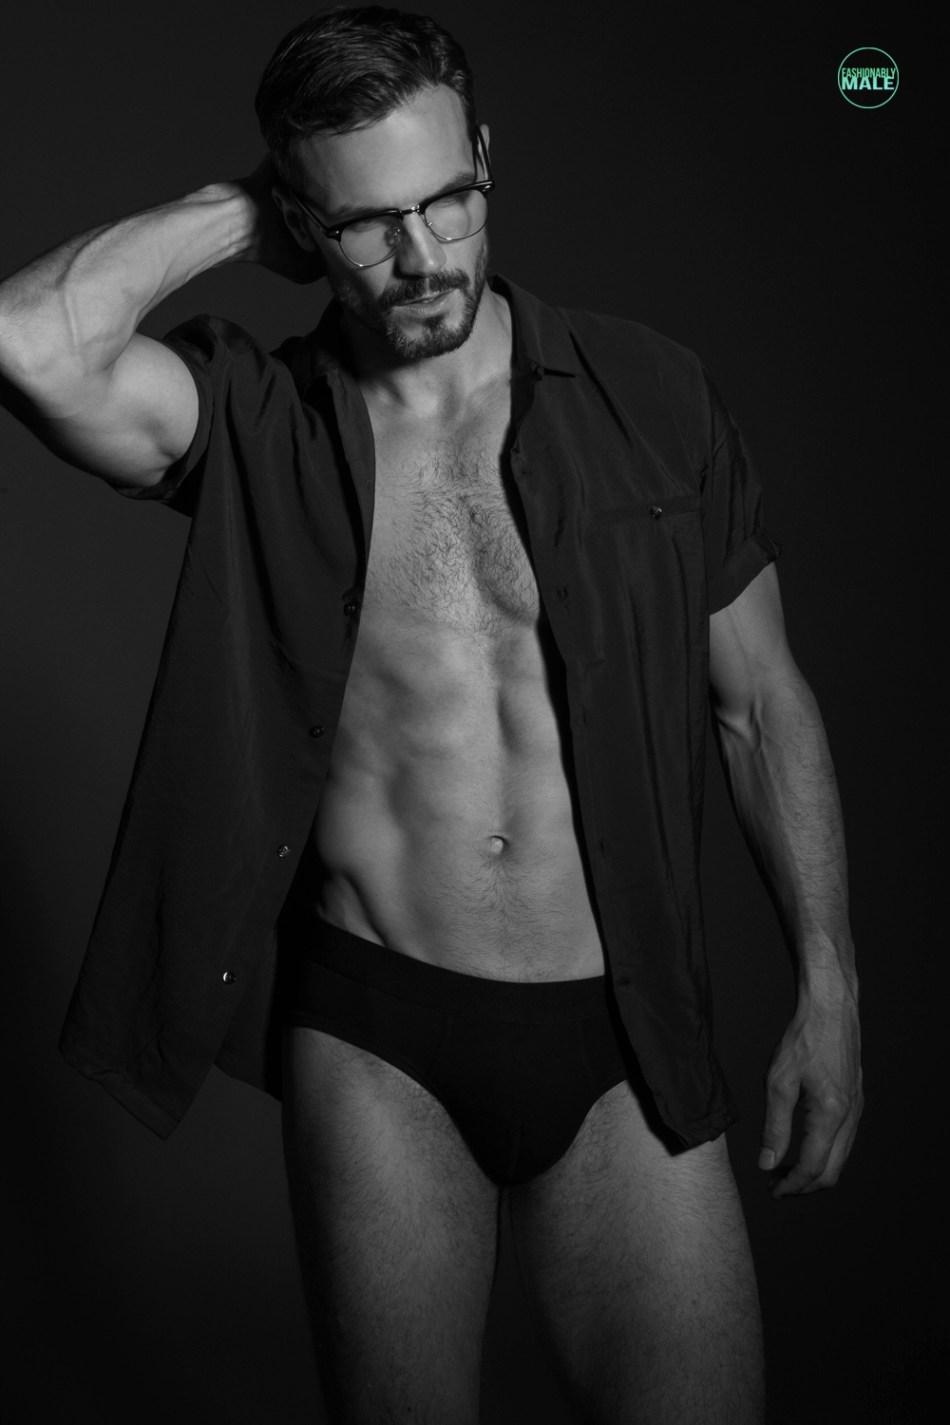 Adam Cowie by Malc Stone Fashionably Male10